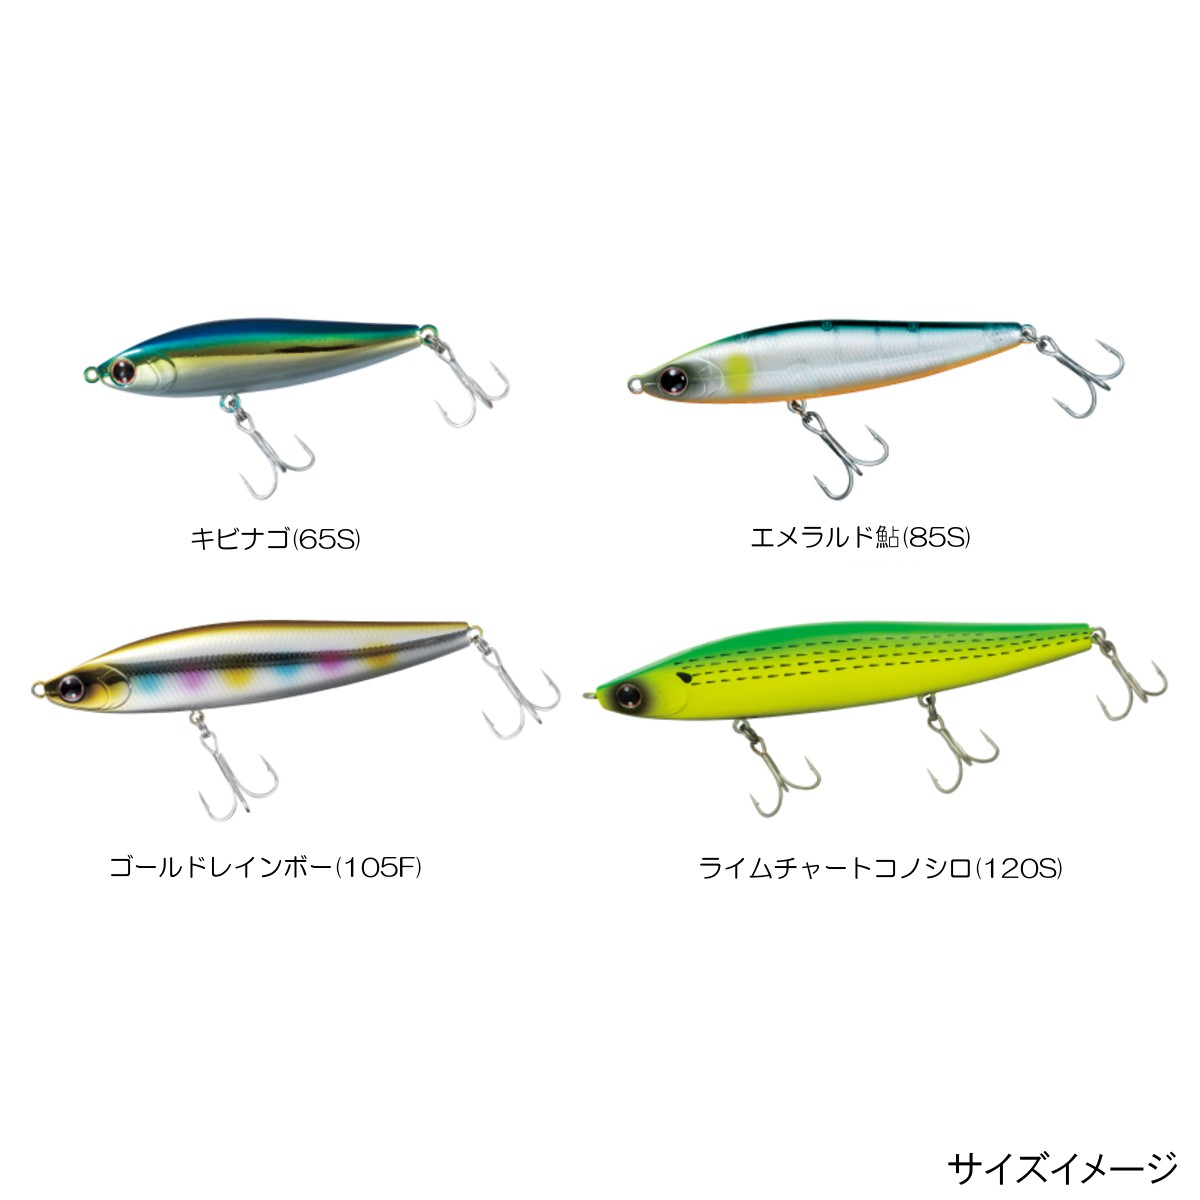 Daiwa (Daiwa) モアザンスイッチヒッター 105F lime chart gizzard shad